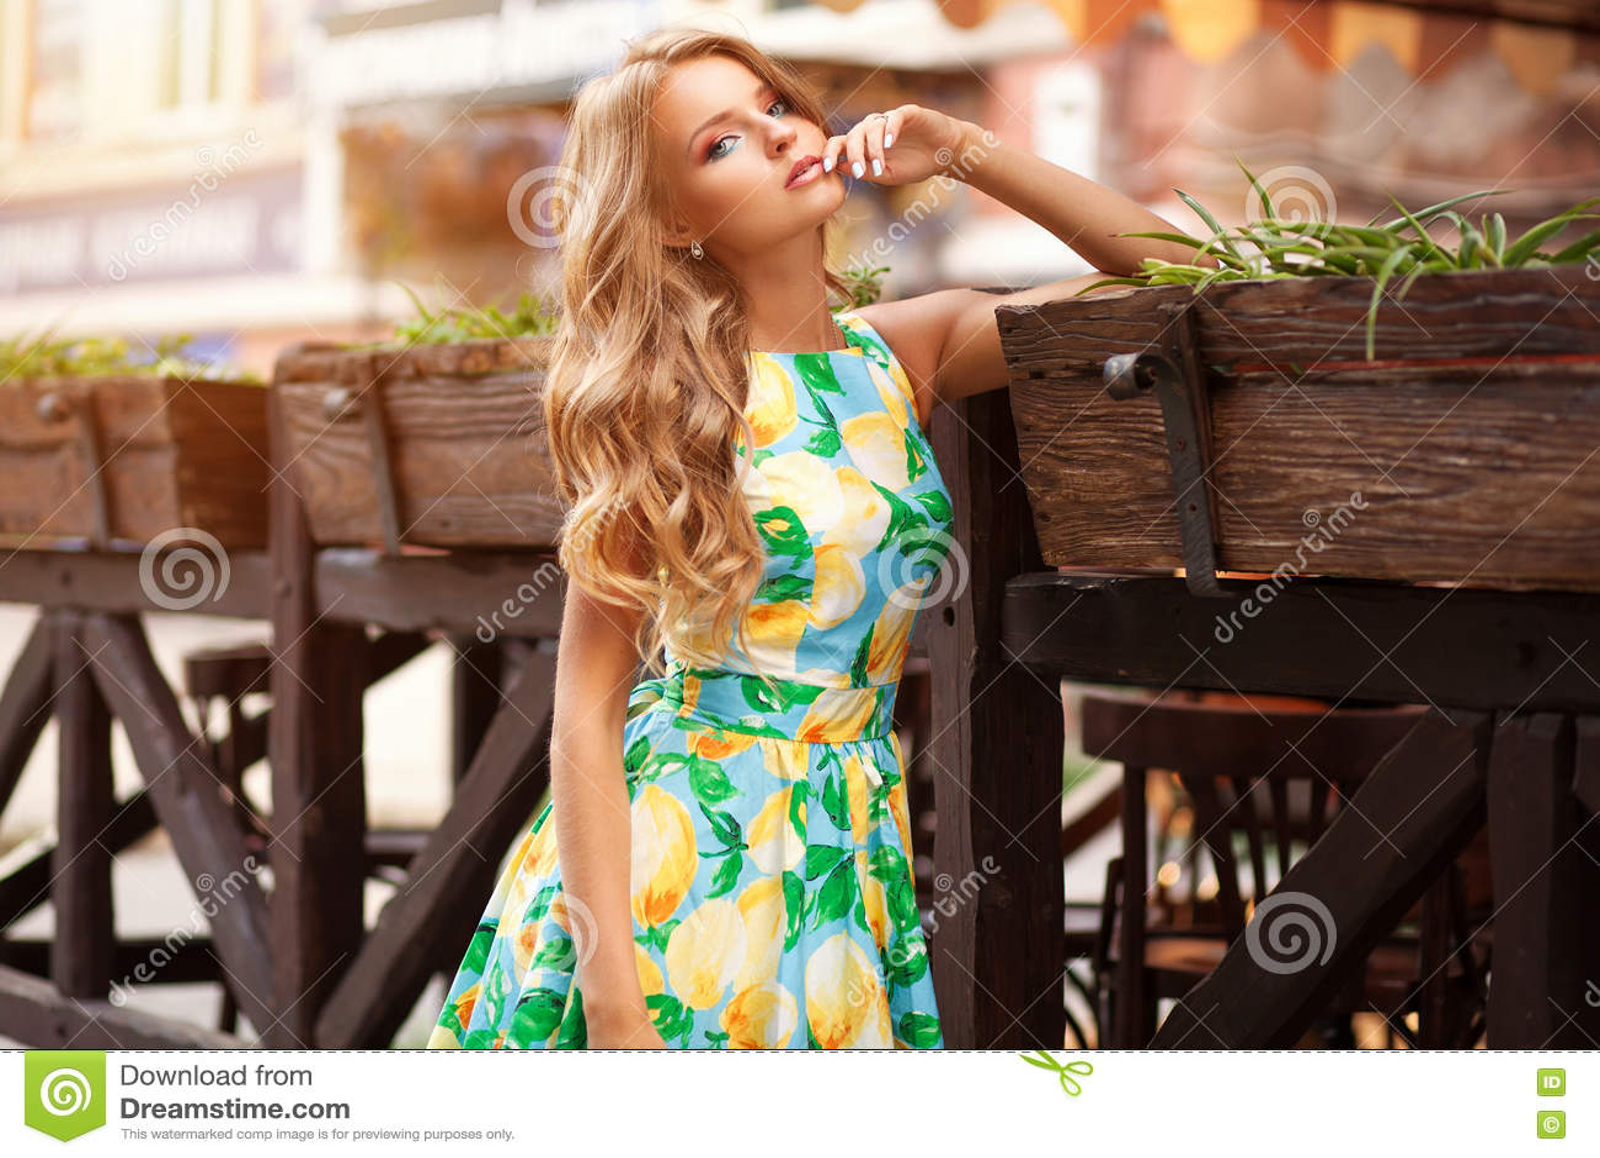 浪漫礼服的美丽的端庄的妇女在与花的咖啡馆